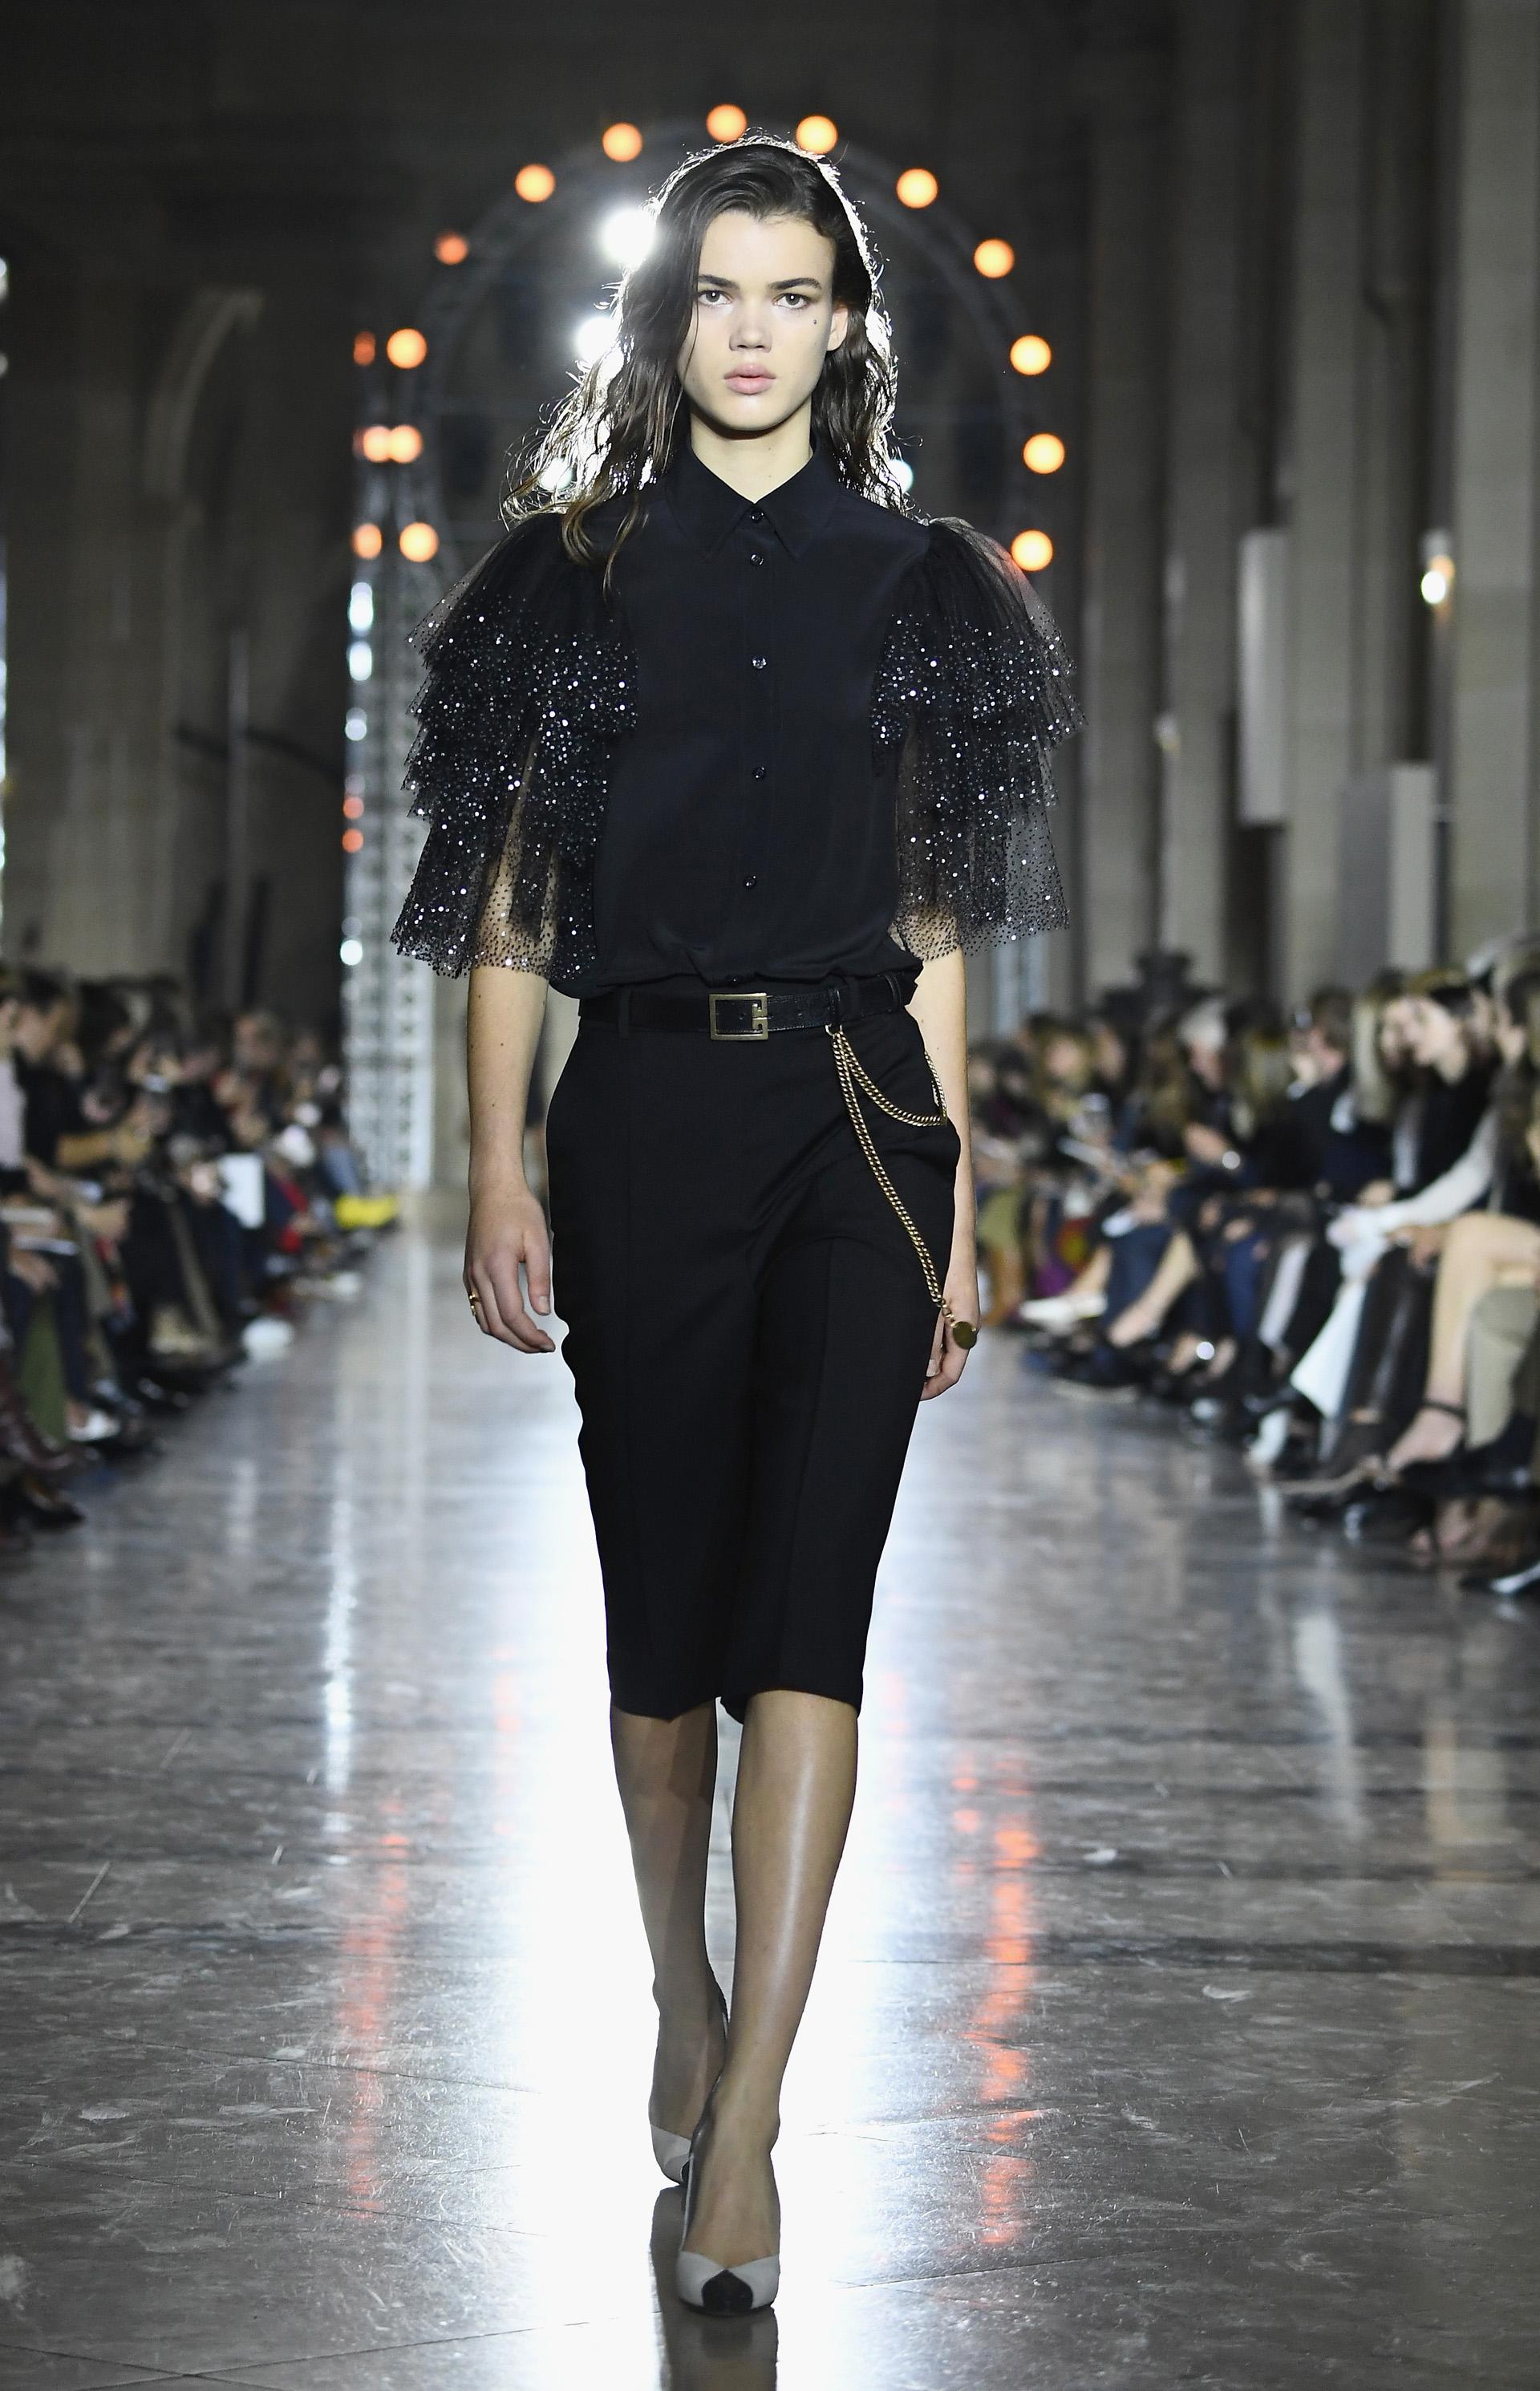 Blusas de seda y gasa predominaron en la pasarela, con mangas de tul y cristales bordados como nueva propuesta de la firma